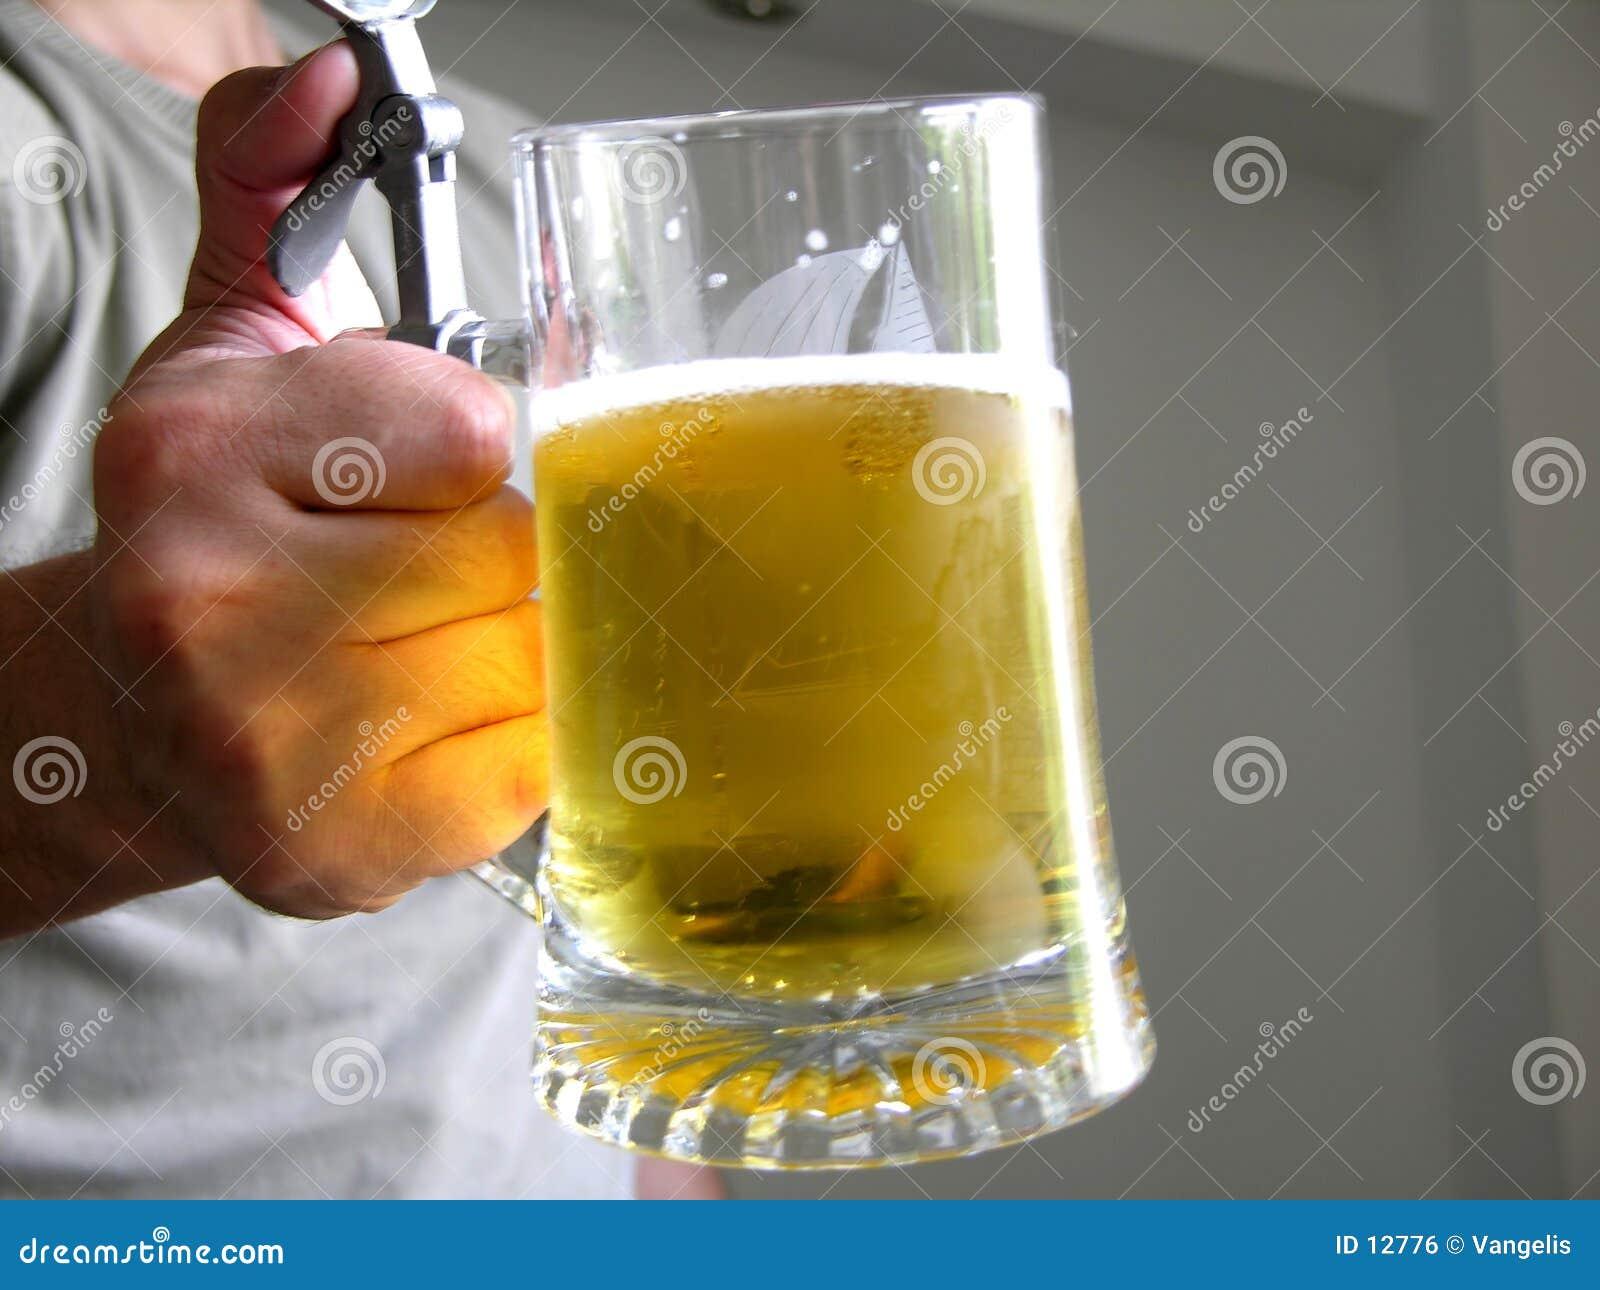 öl några önskar